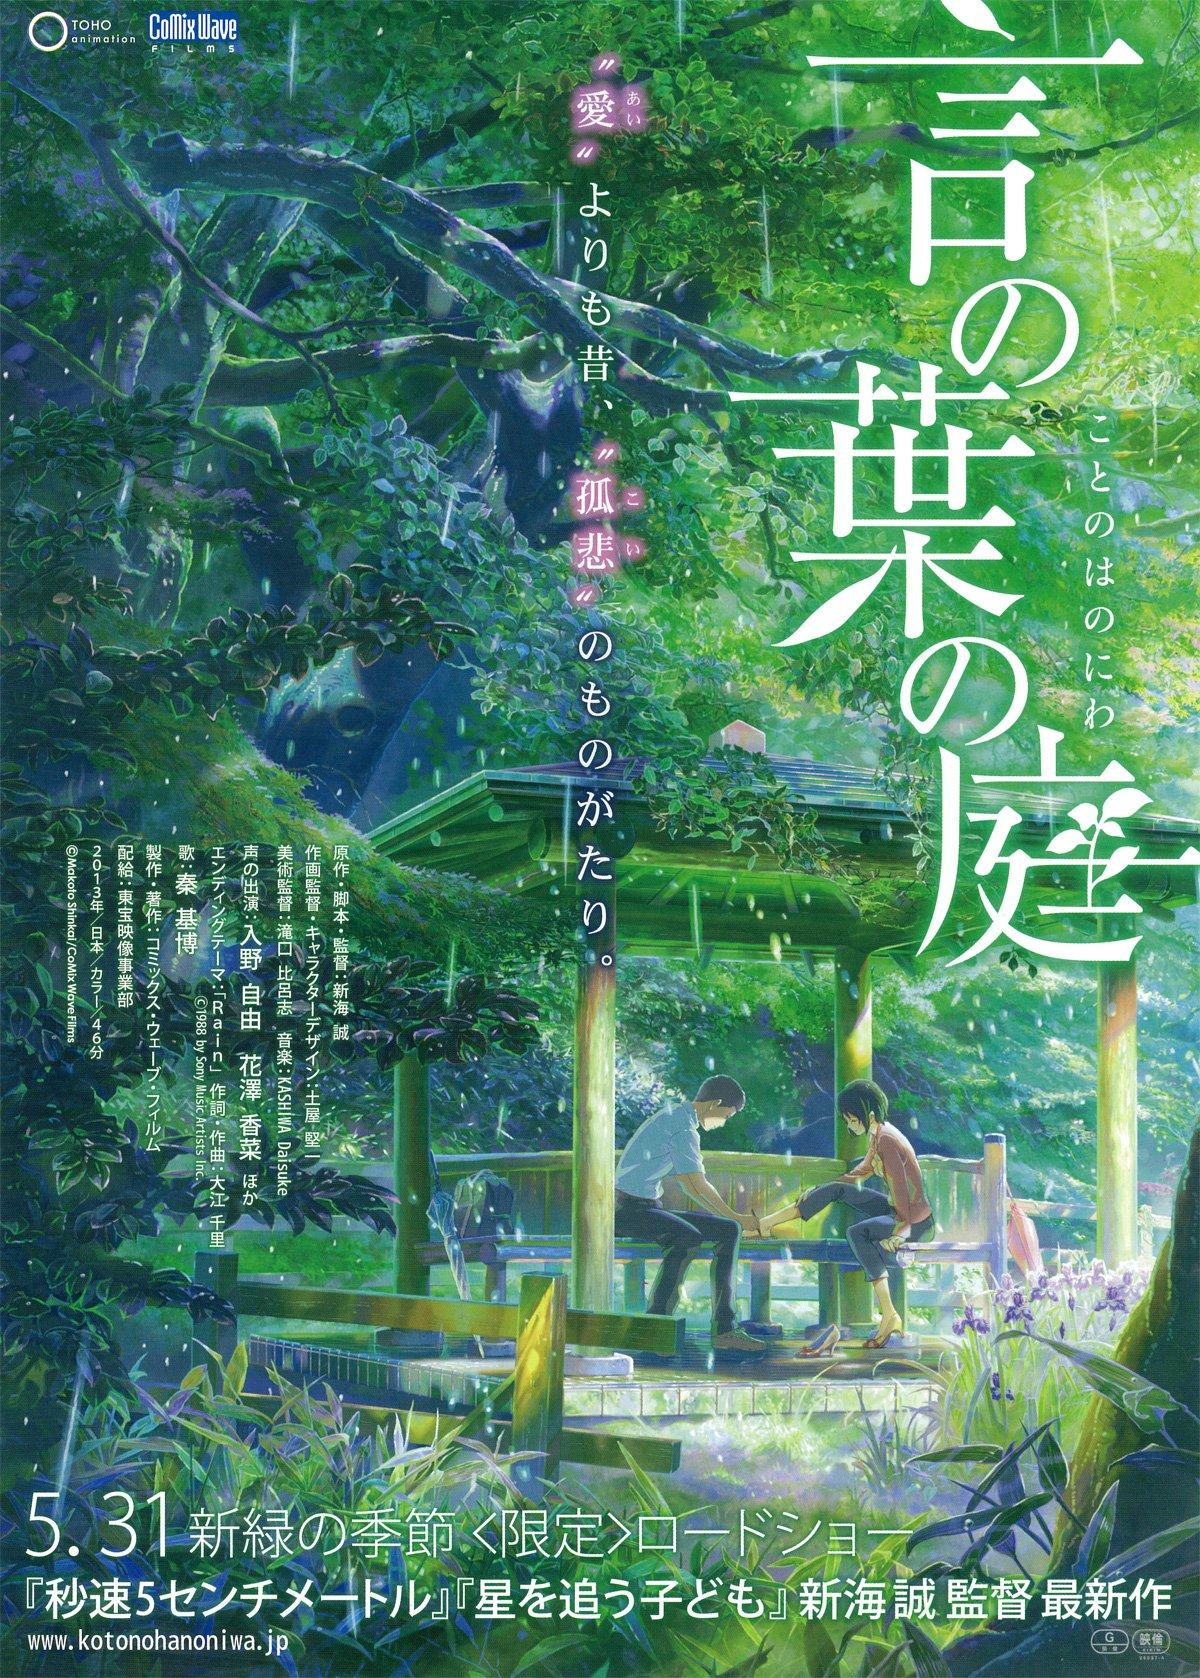 言の葉の庭 映画에 대한 이미지 검색결과